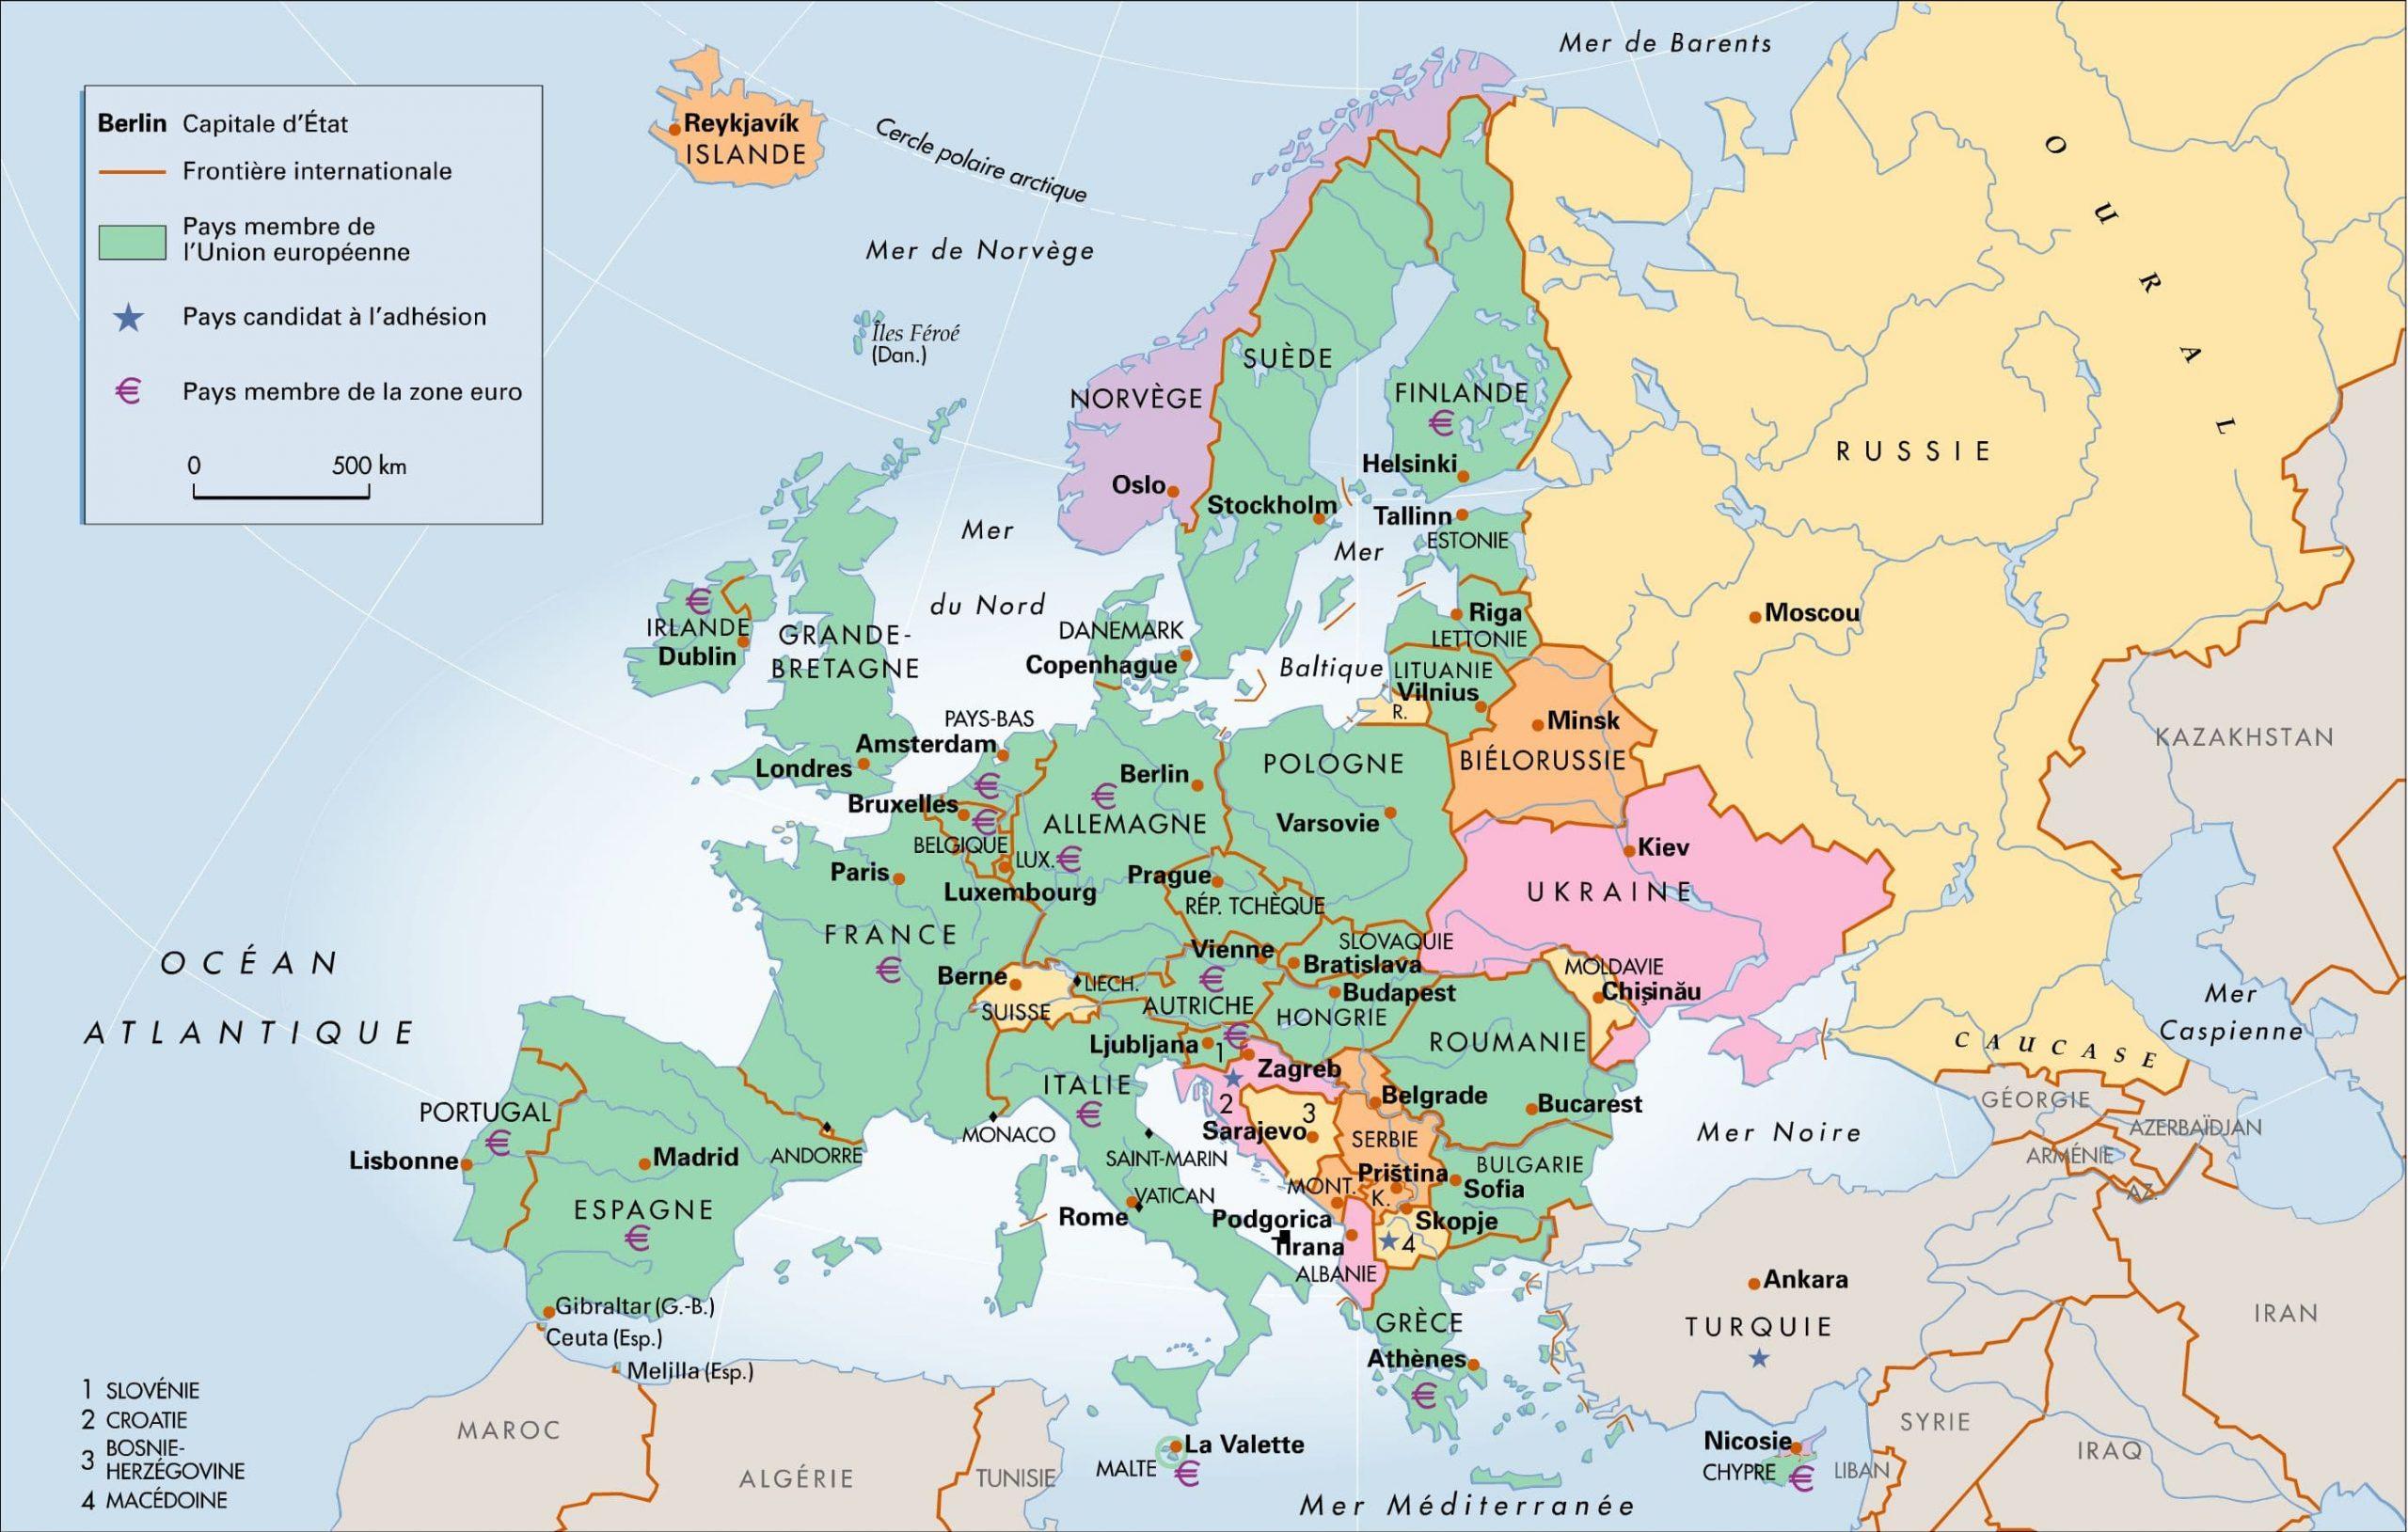 Encyclopédie Larousse En Ligne - Europe Et Union Européenne tout La Carte De L Union Européenne